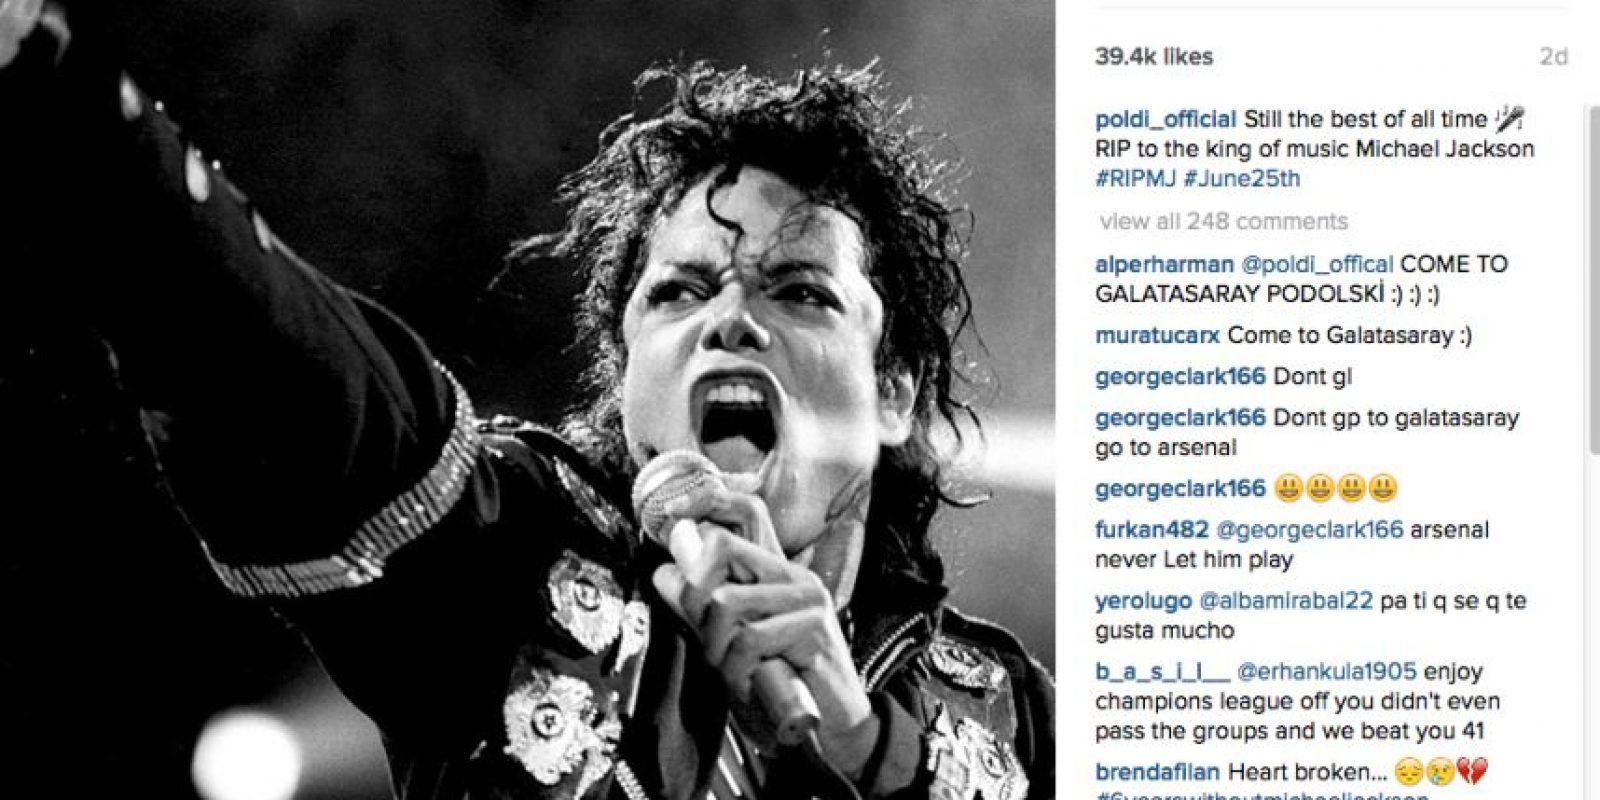 Con esta imagen publicada en su Instagram hace algunos días, nos queda claro que el goleador alemán es fan del fallecido ídolo pop Michael Jackson. Foto:Vía instagram.com/poldi_official